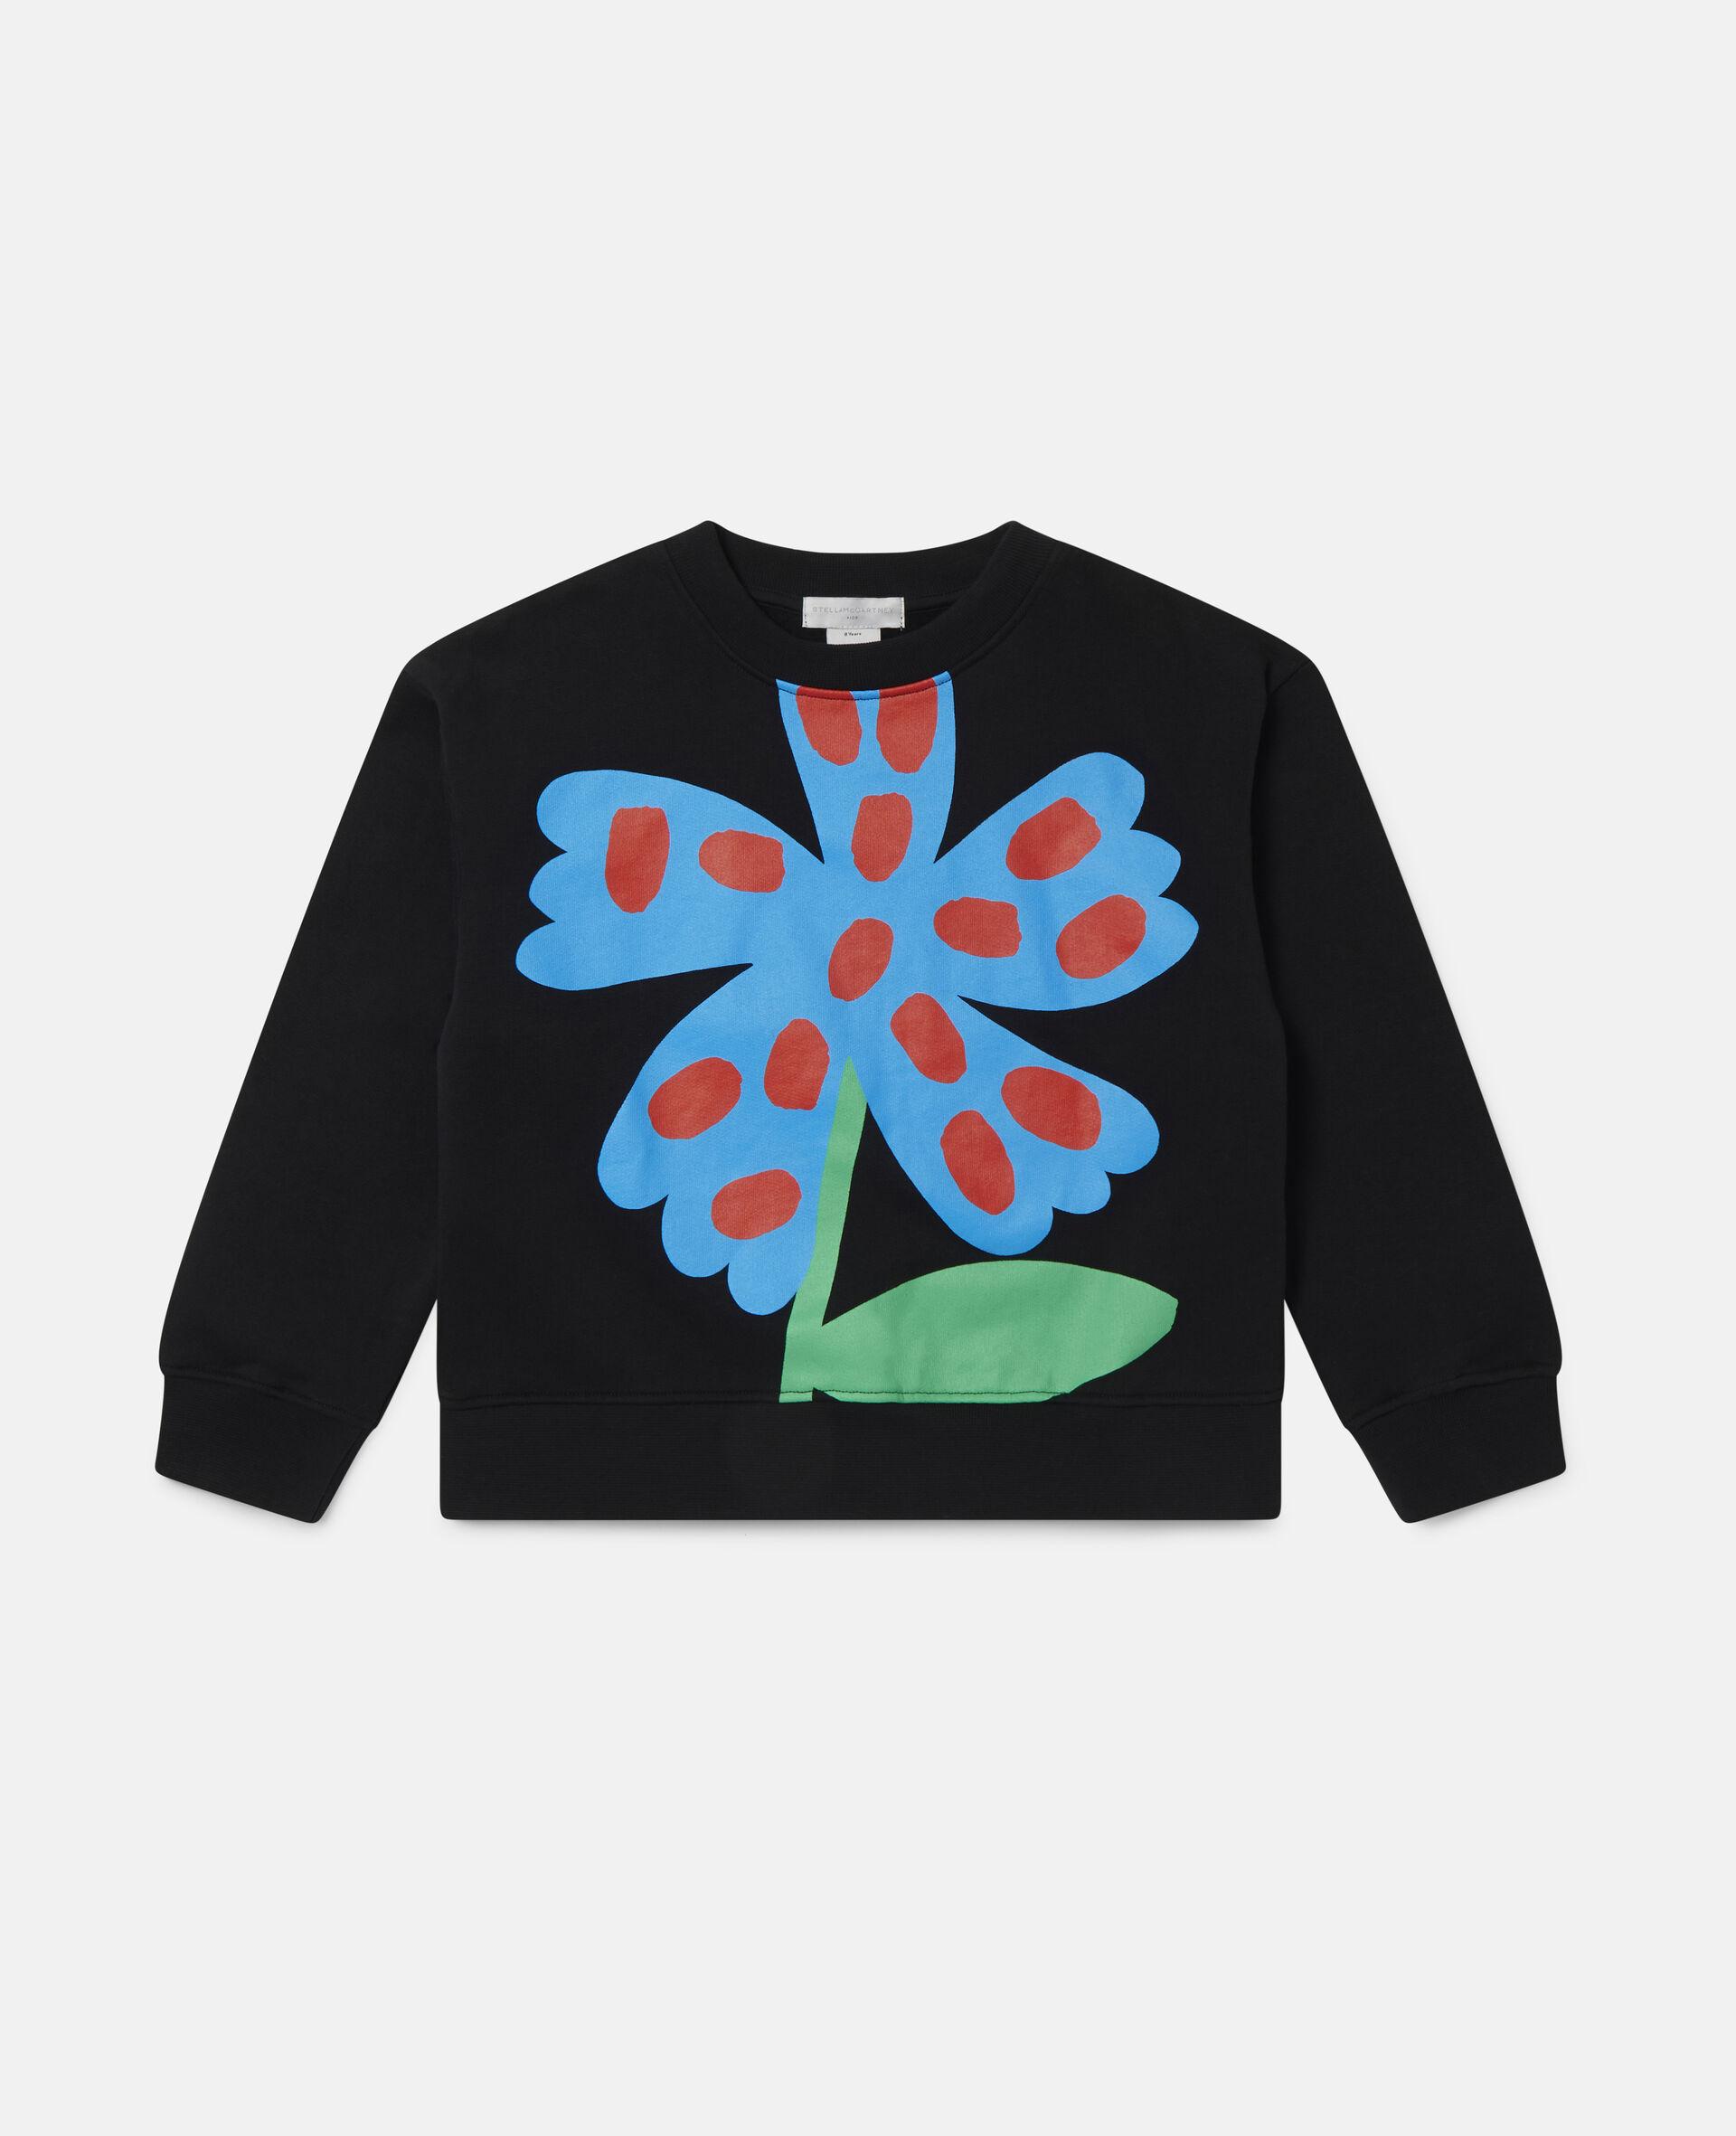 Übergroßes Sweatshirt aus Baumwollfleece mit gepunkteter Blume-Schwarz-large image number 0